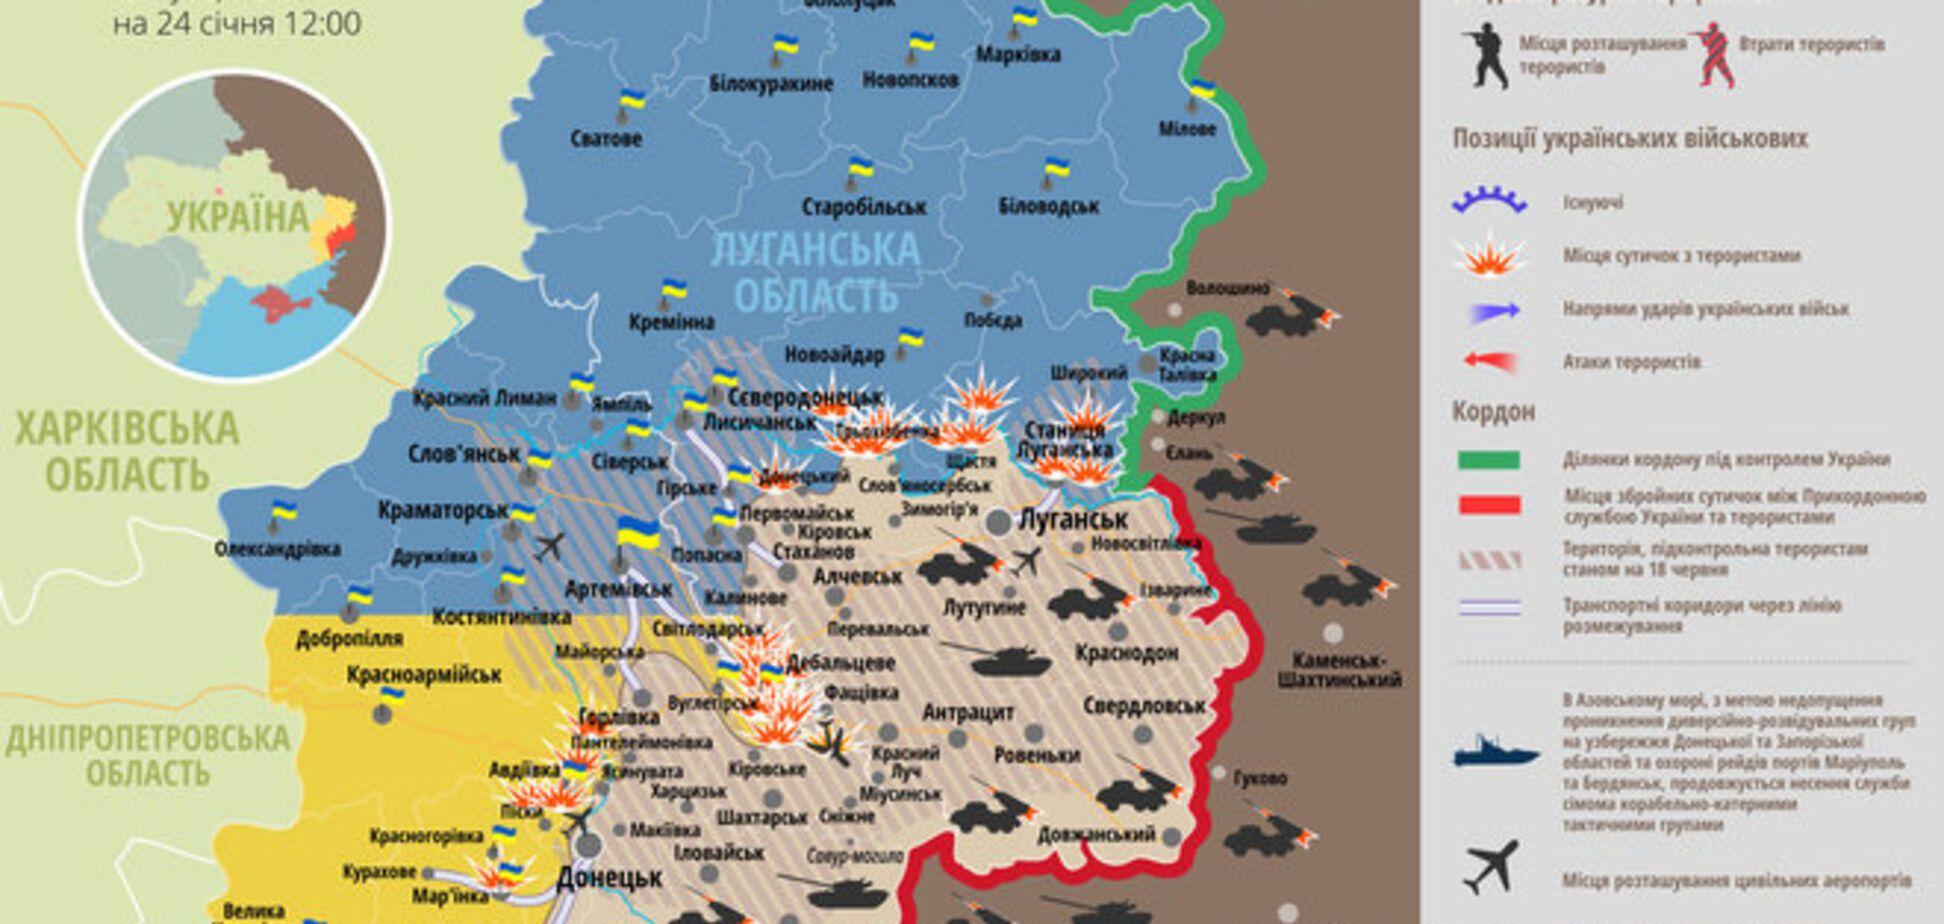 За сутки погиб один украинский военный, еще 20 ранены: карта АТО